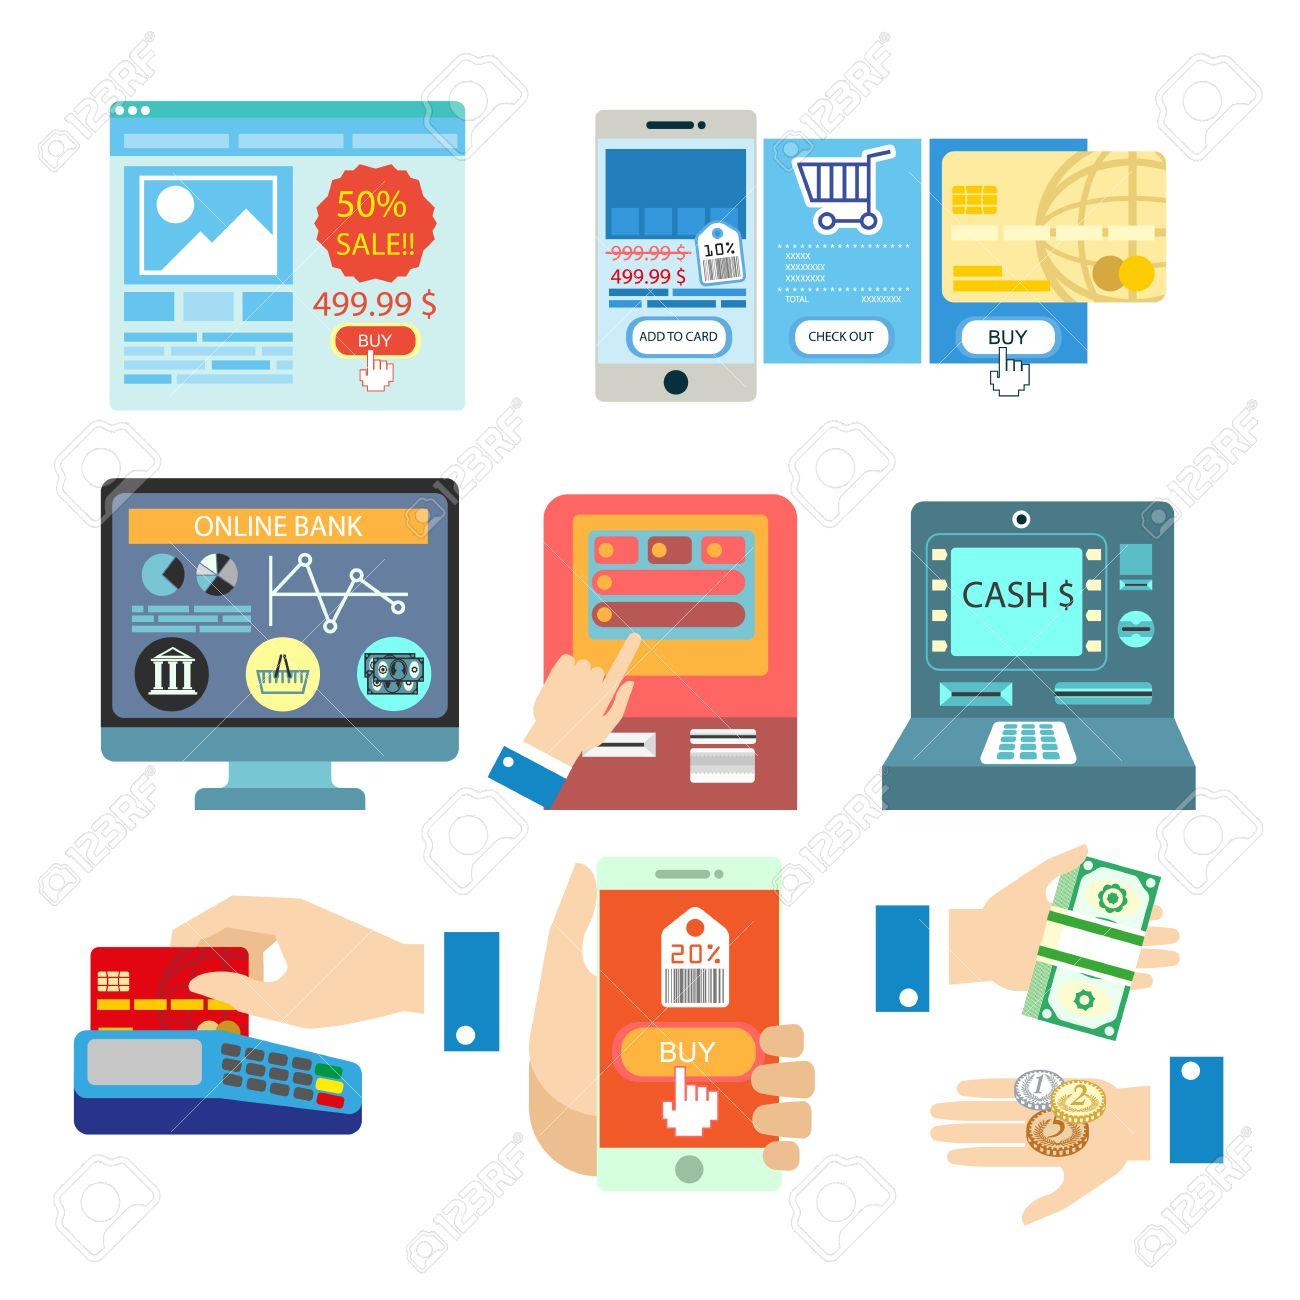 オンライン銀行決済でベクトルのイラストお支払い方法の設定